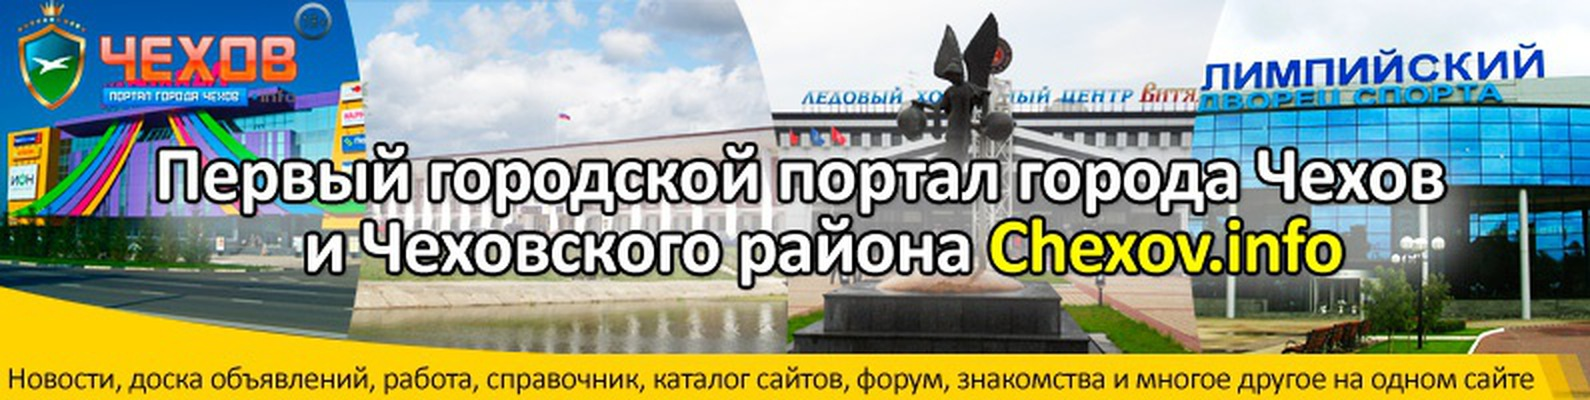 Знакомства в чехов портал знакомства 16 18 лет forum